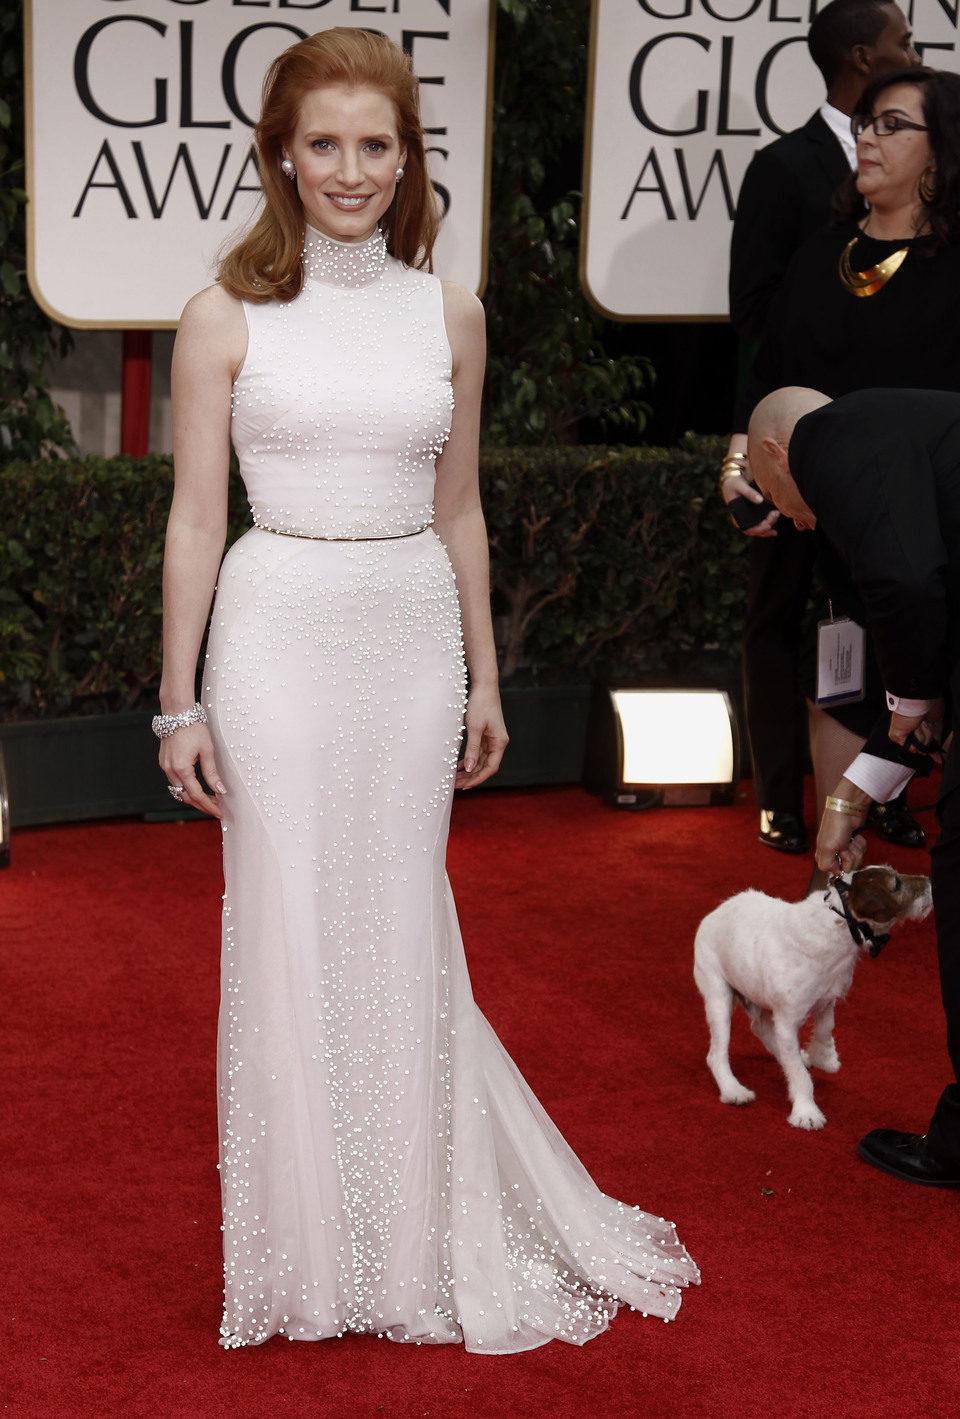 Jessica Chastain en la alfombra roja de los Globos de Oro 2012